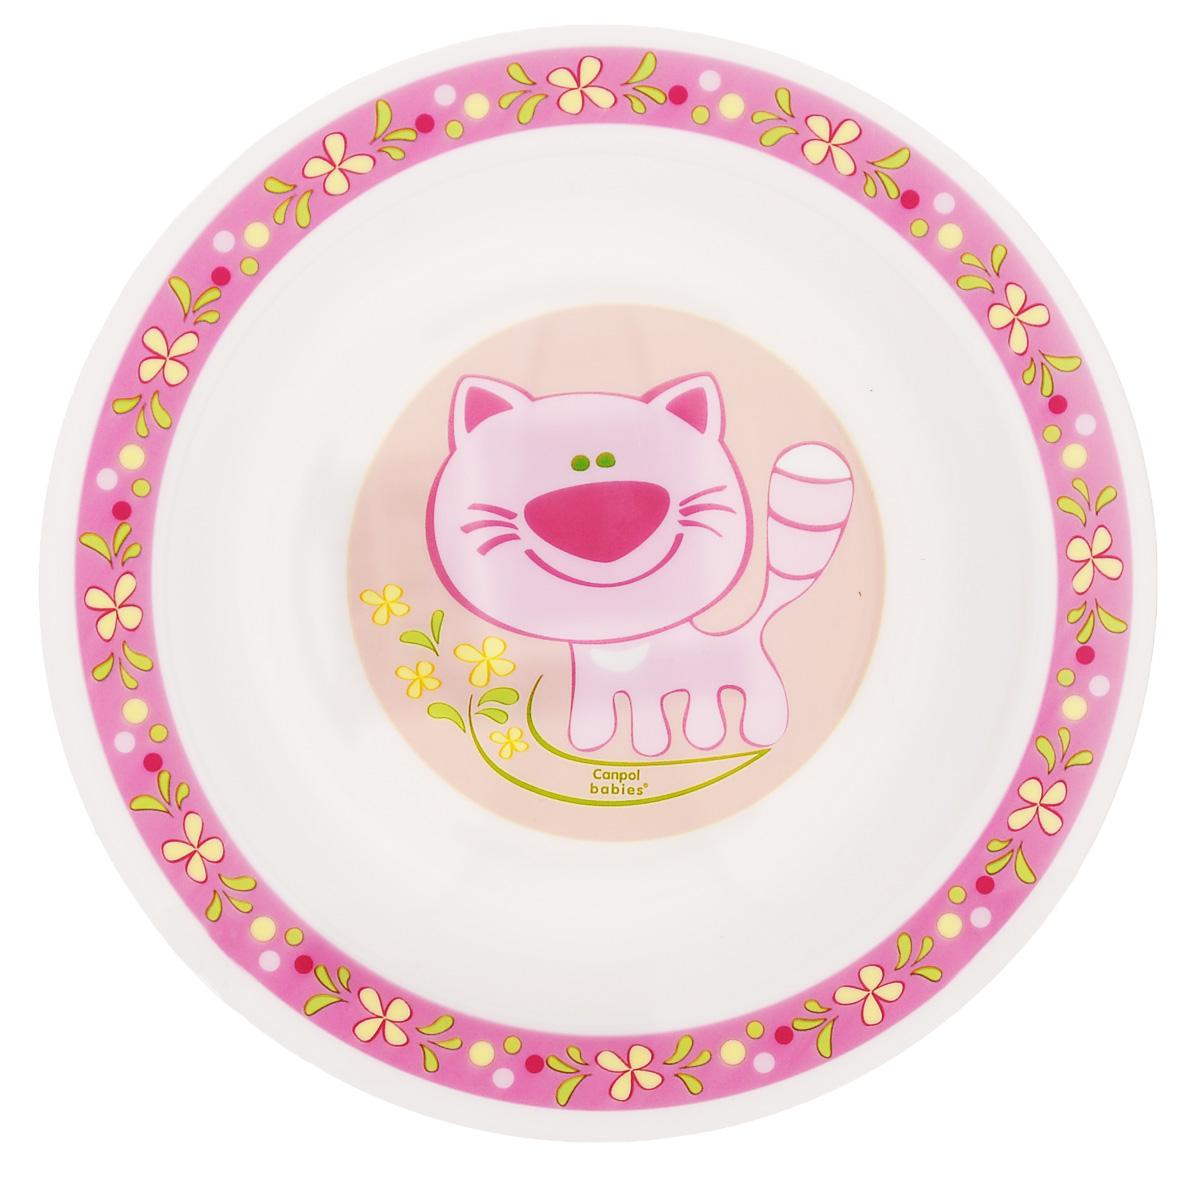 Canpol Babies Тарелка детская глубокая Кот цвет розовый диаметр 18 см4/412_розовый/котДетская глубокая тарелка Canpol Babies Розовый кот идеально подойдет для кормления малыша и самостоятельного приема им пищи. Тарелочка выполнена из высококачественного полипропилена, дно оформлено изображением розового котика. Не предназначена для разогрева сильно жирной пищи. Объем тарелки: 270 мл.